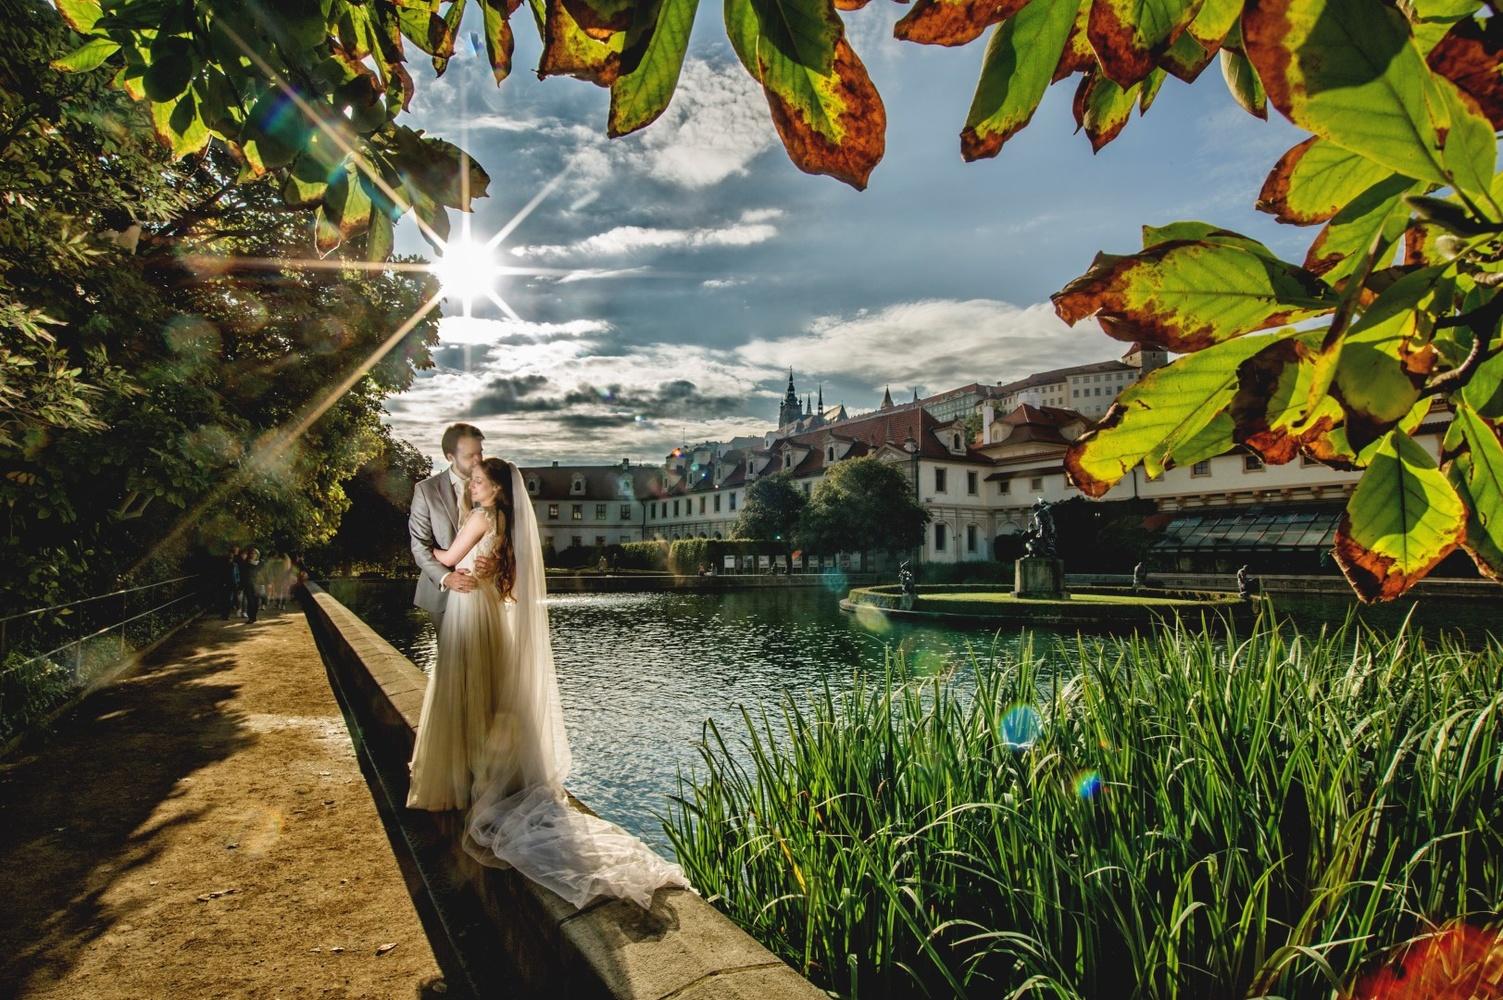 http://www.fotoz.sk/images/category-4/normal/eskuvoi-fotos_svadobny-fotograf_juraj_zsok_001.jpg